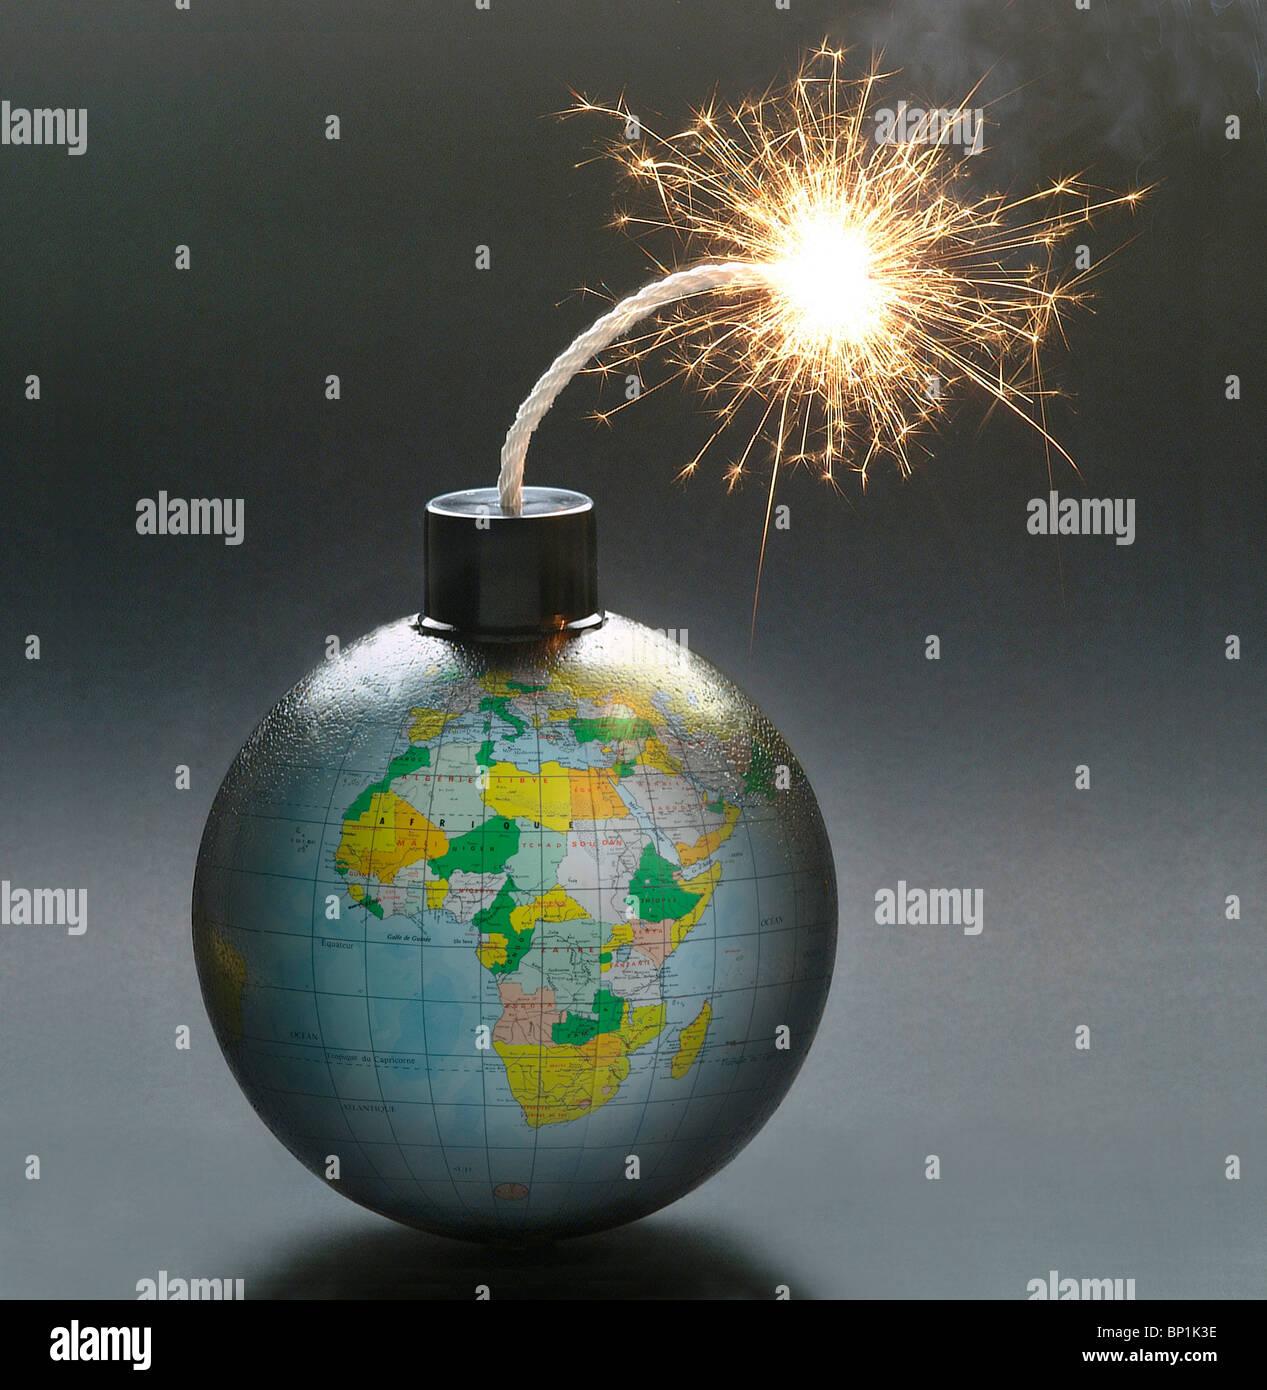 Globus-Bombe Stockbild